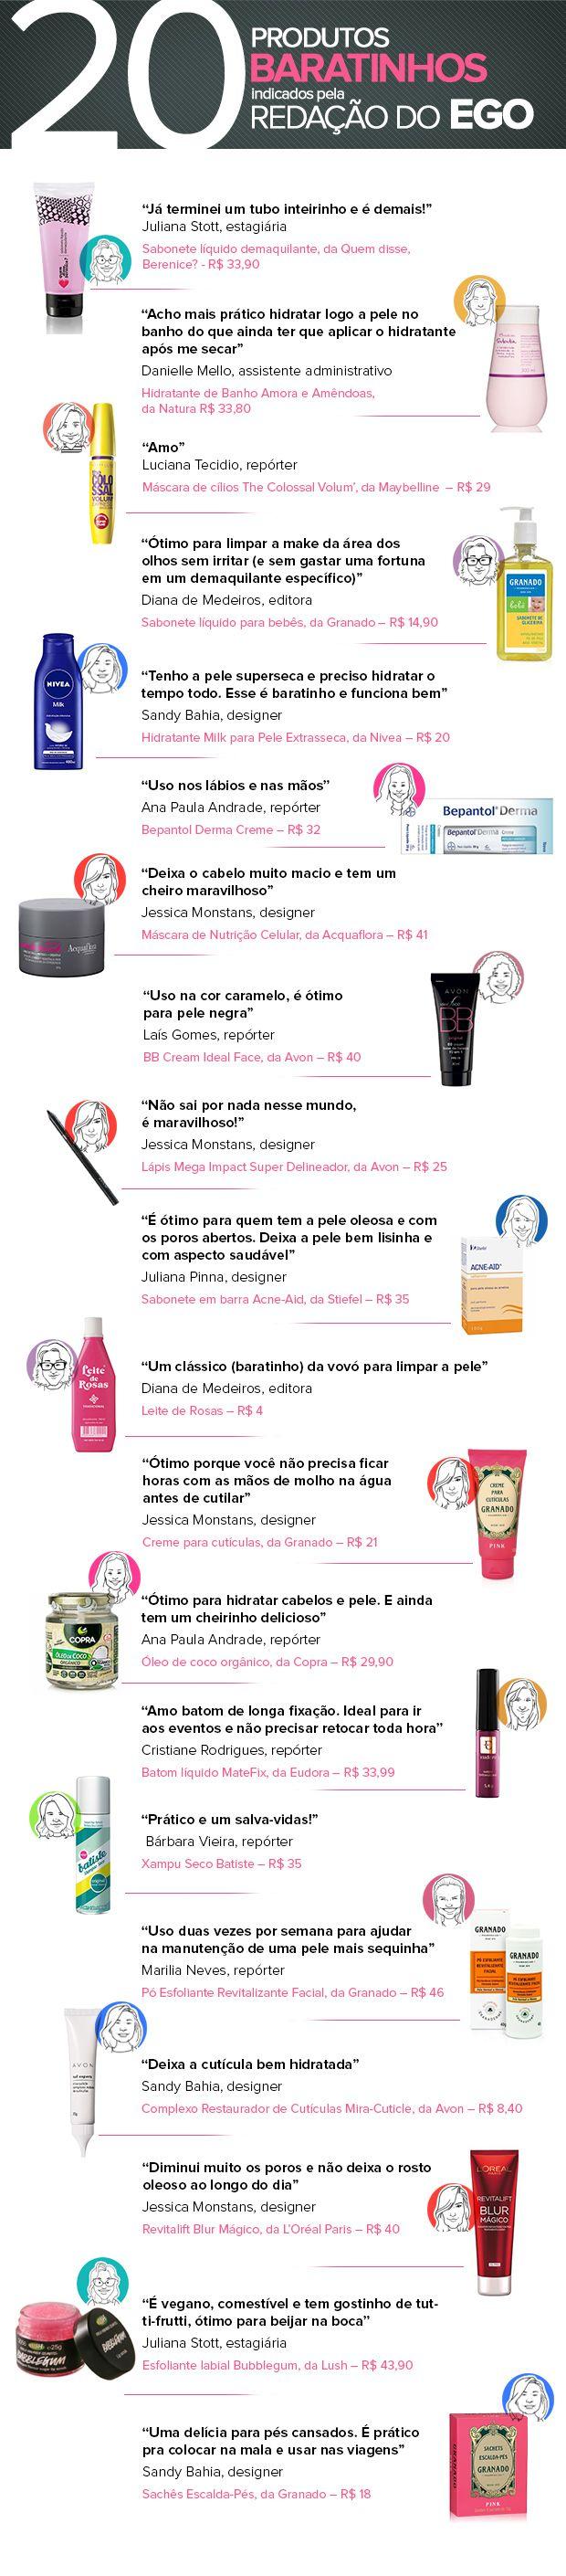 Beleza na crise: redação do EGO dá dicas de 20 produtos baratinhos